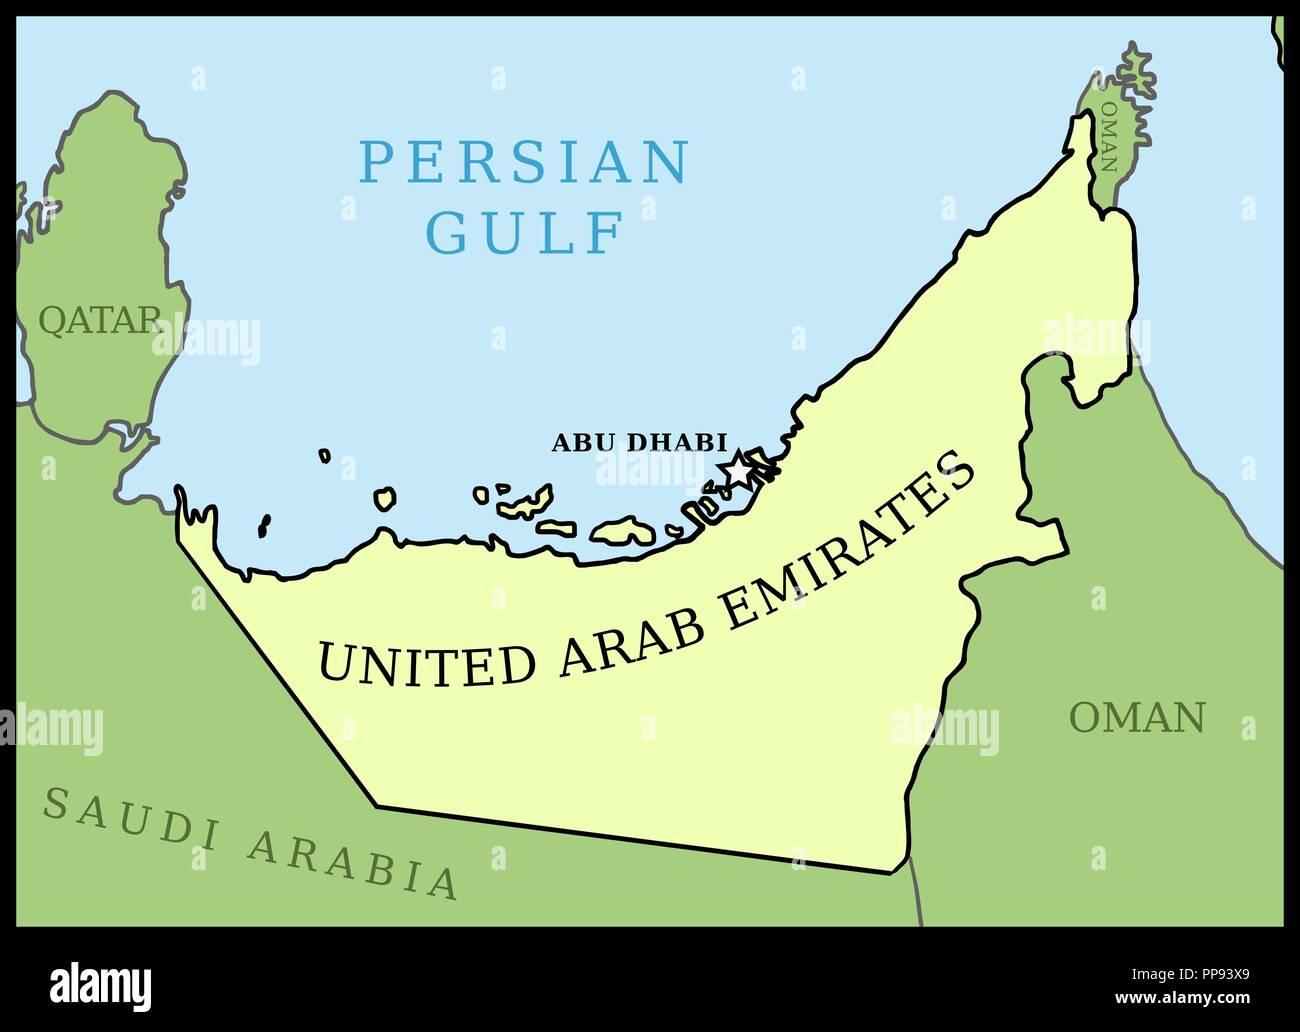 Vereinigte Arabische Emirate Vae Karte Umrisse Vektor Land